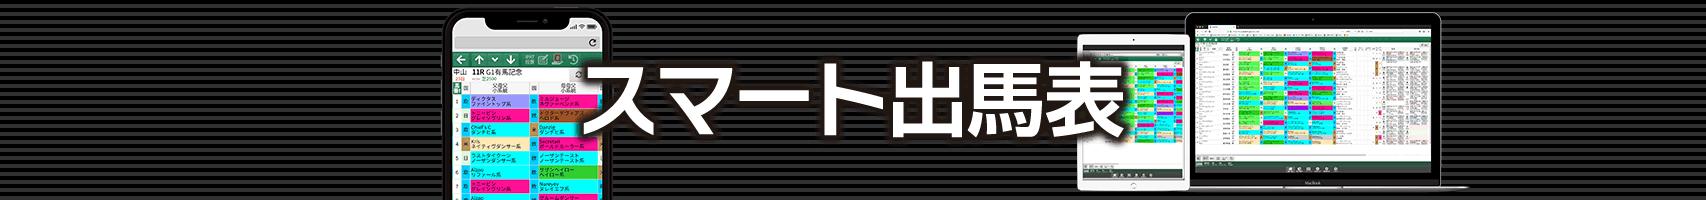 【無料公開】 きさらぎ賞/スマート出馬表 – 基本&血統・系統&ローテ・順位&種牡馬データ画面